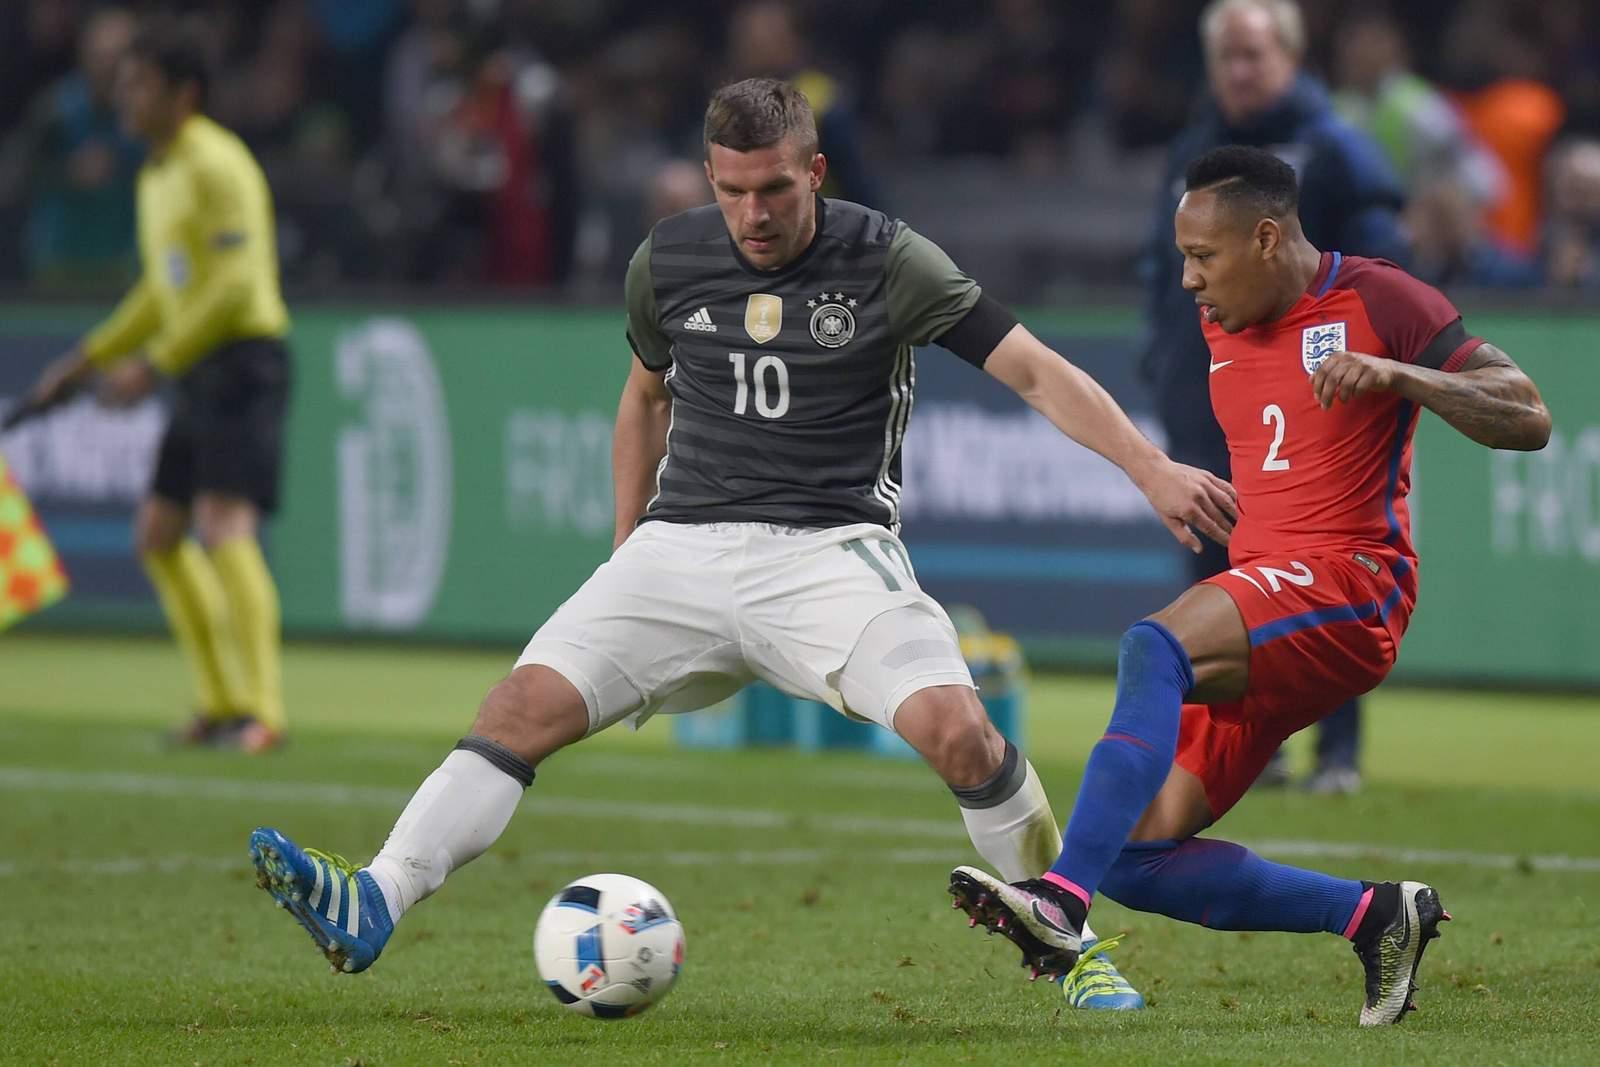 Setzt sich Podolski gegen Clyne durch? Jetzt auf Deutschland gegen England wetten